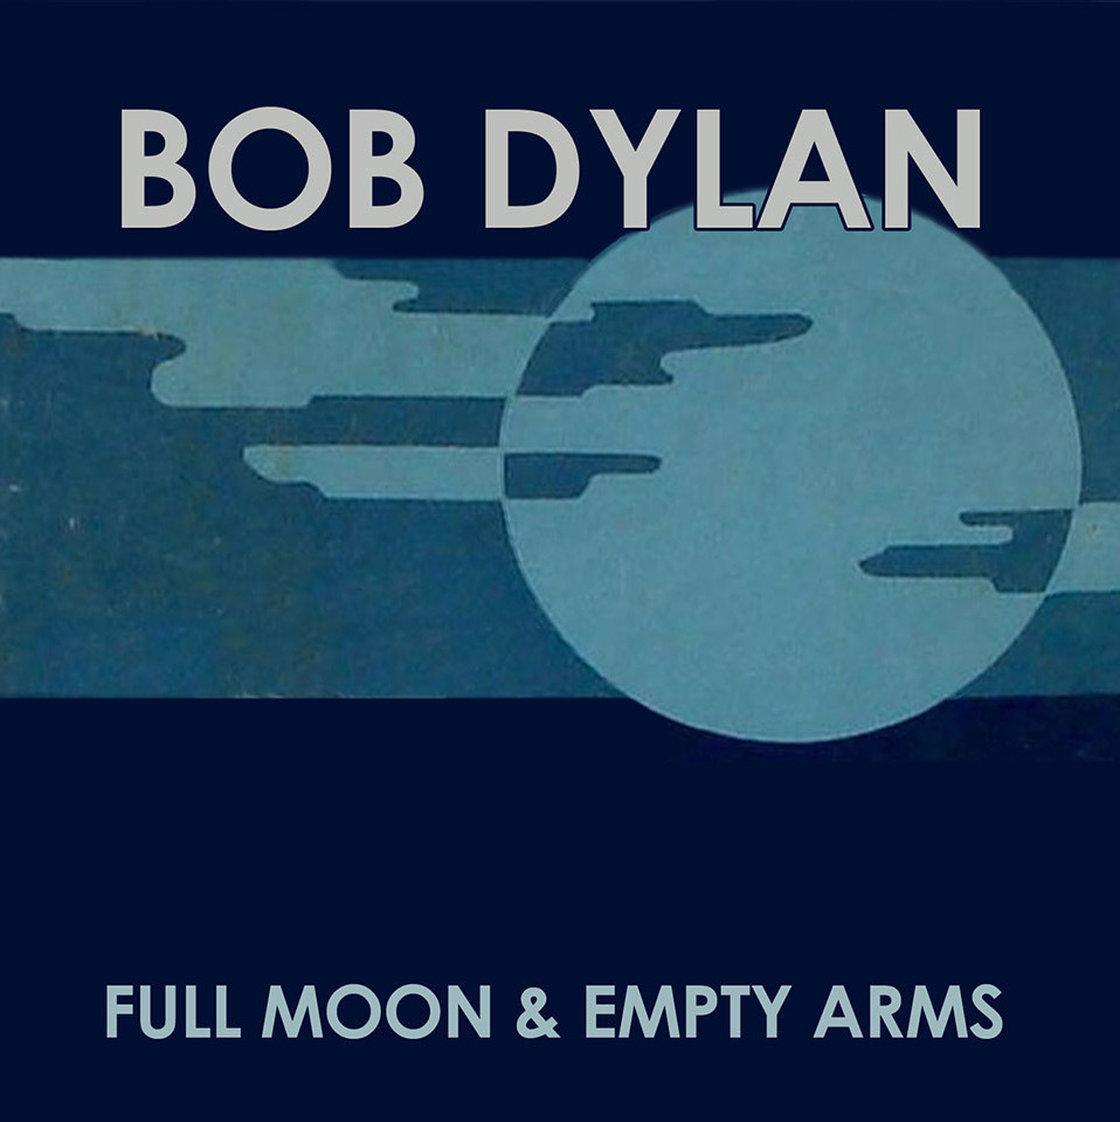 Bob Dylan Drops New Song